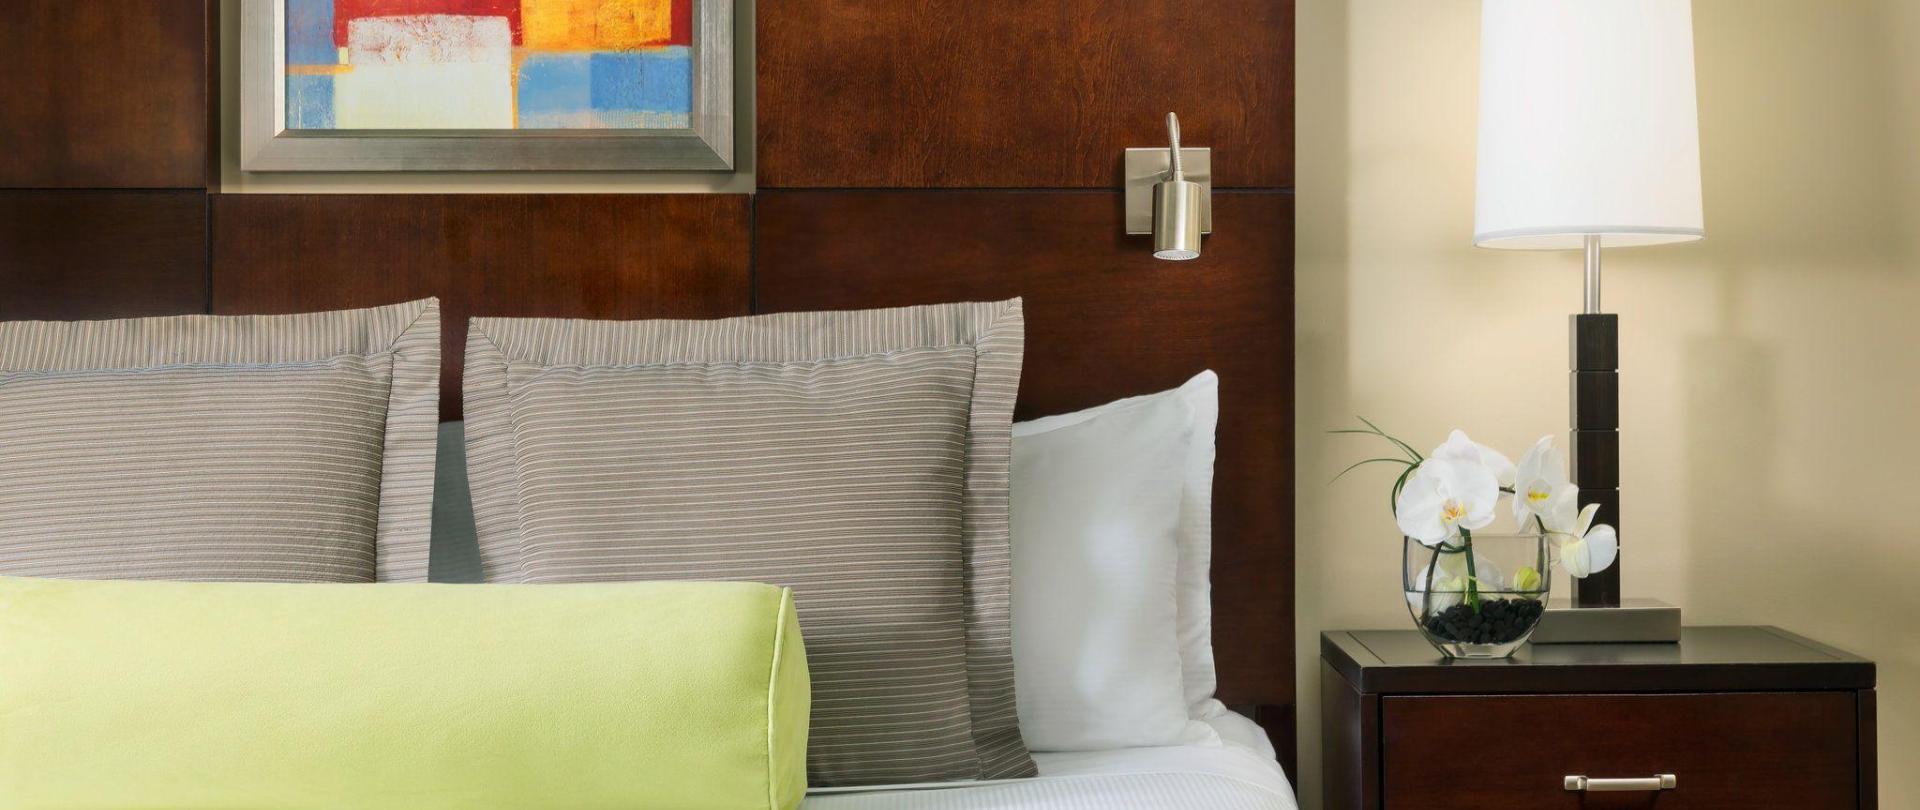 hotel-mela-guestroom-nightstand-2.jpg